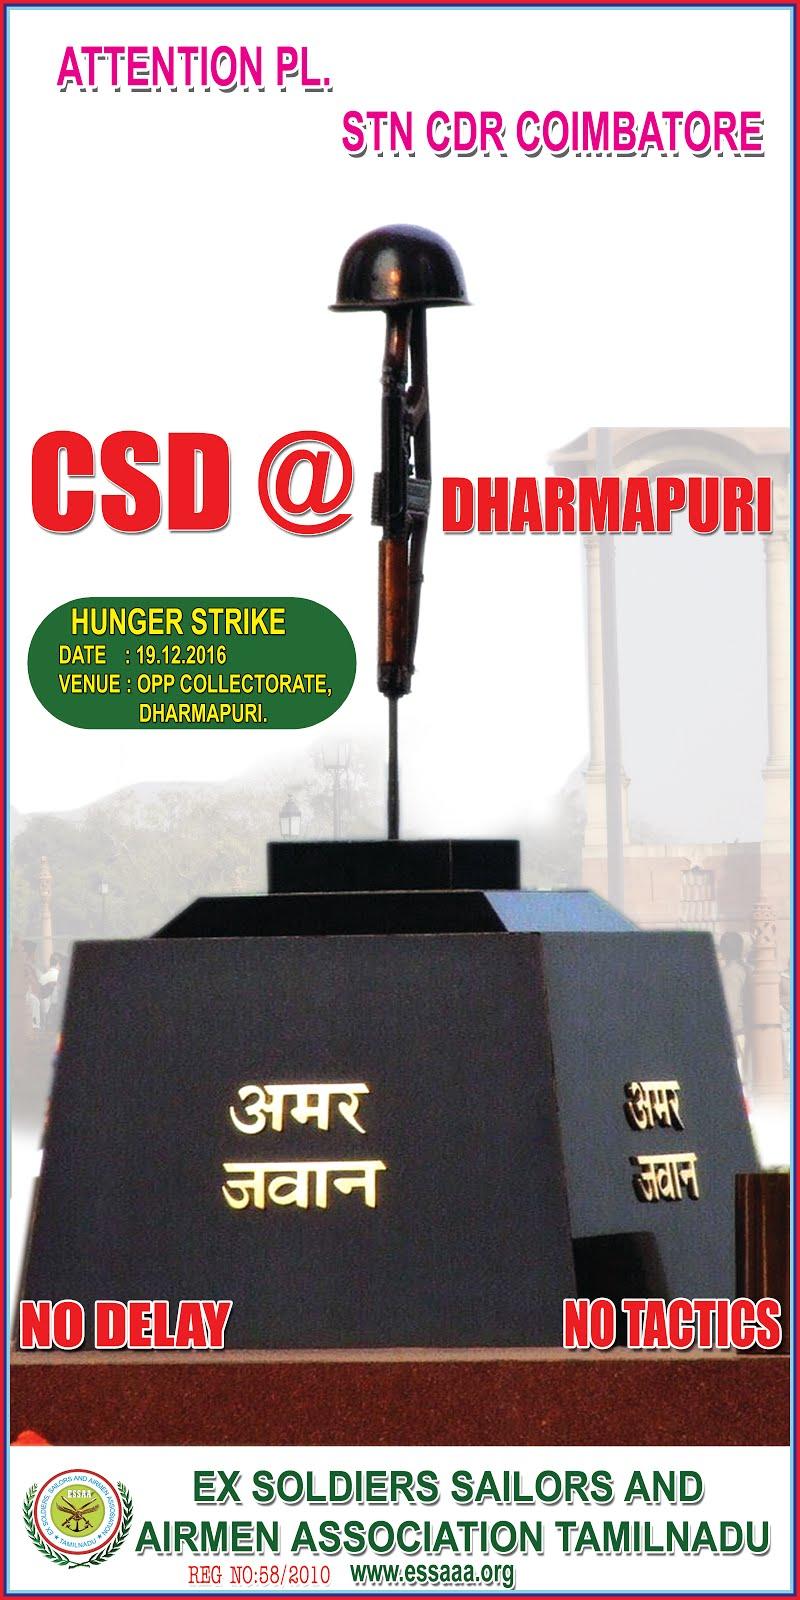 HUNGeR STRIKE FOR CSD @ DPI